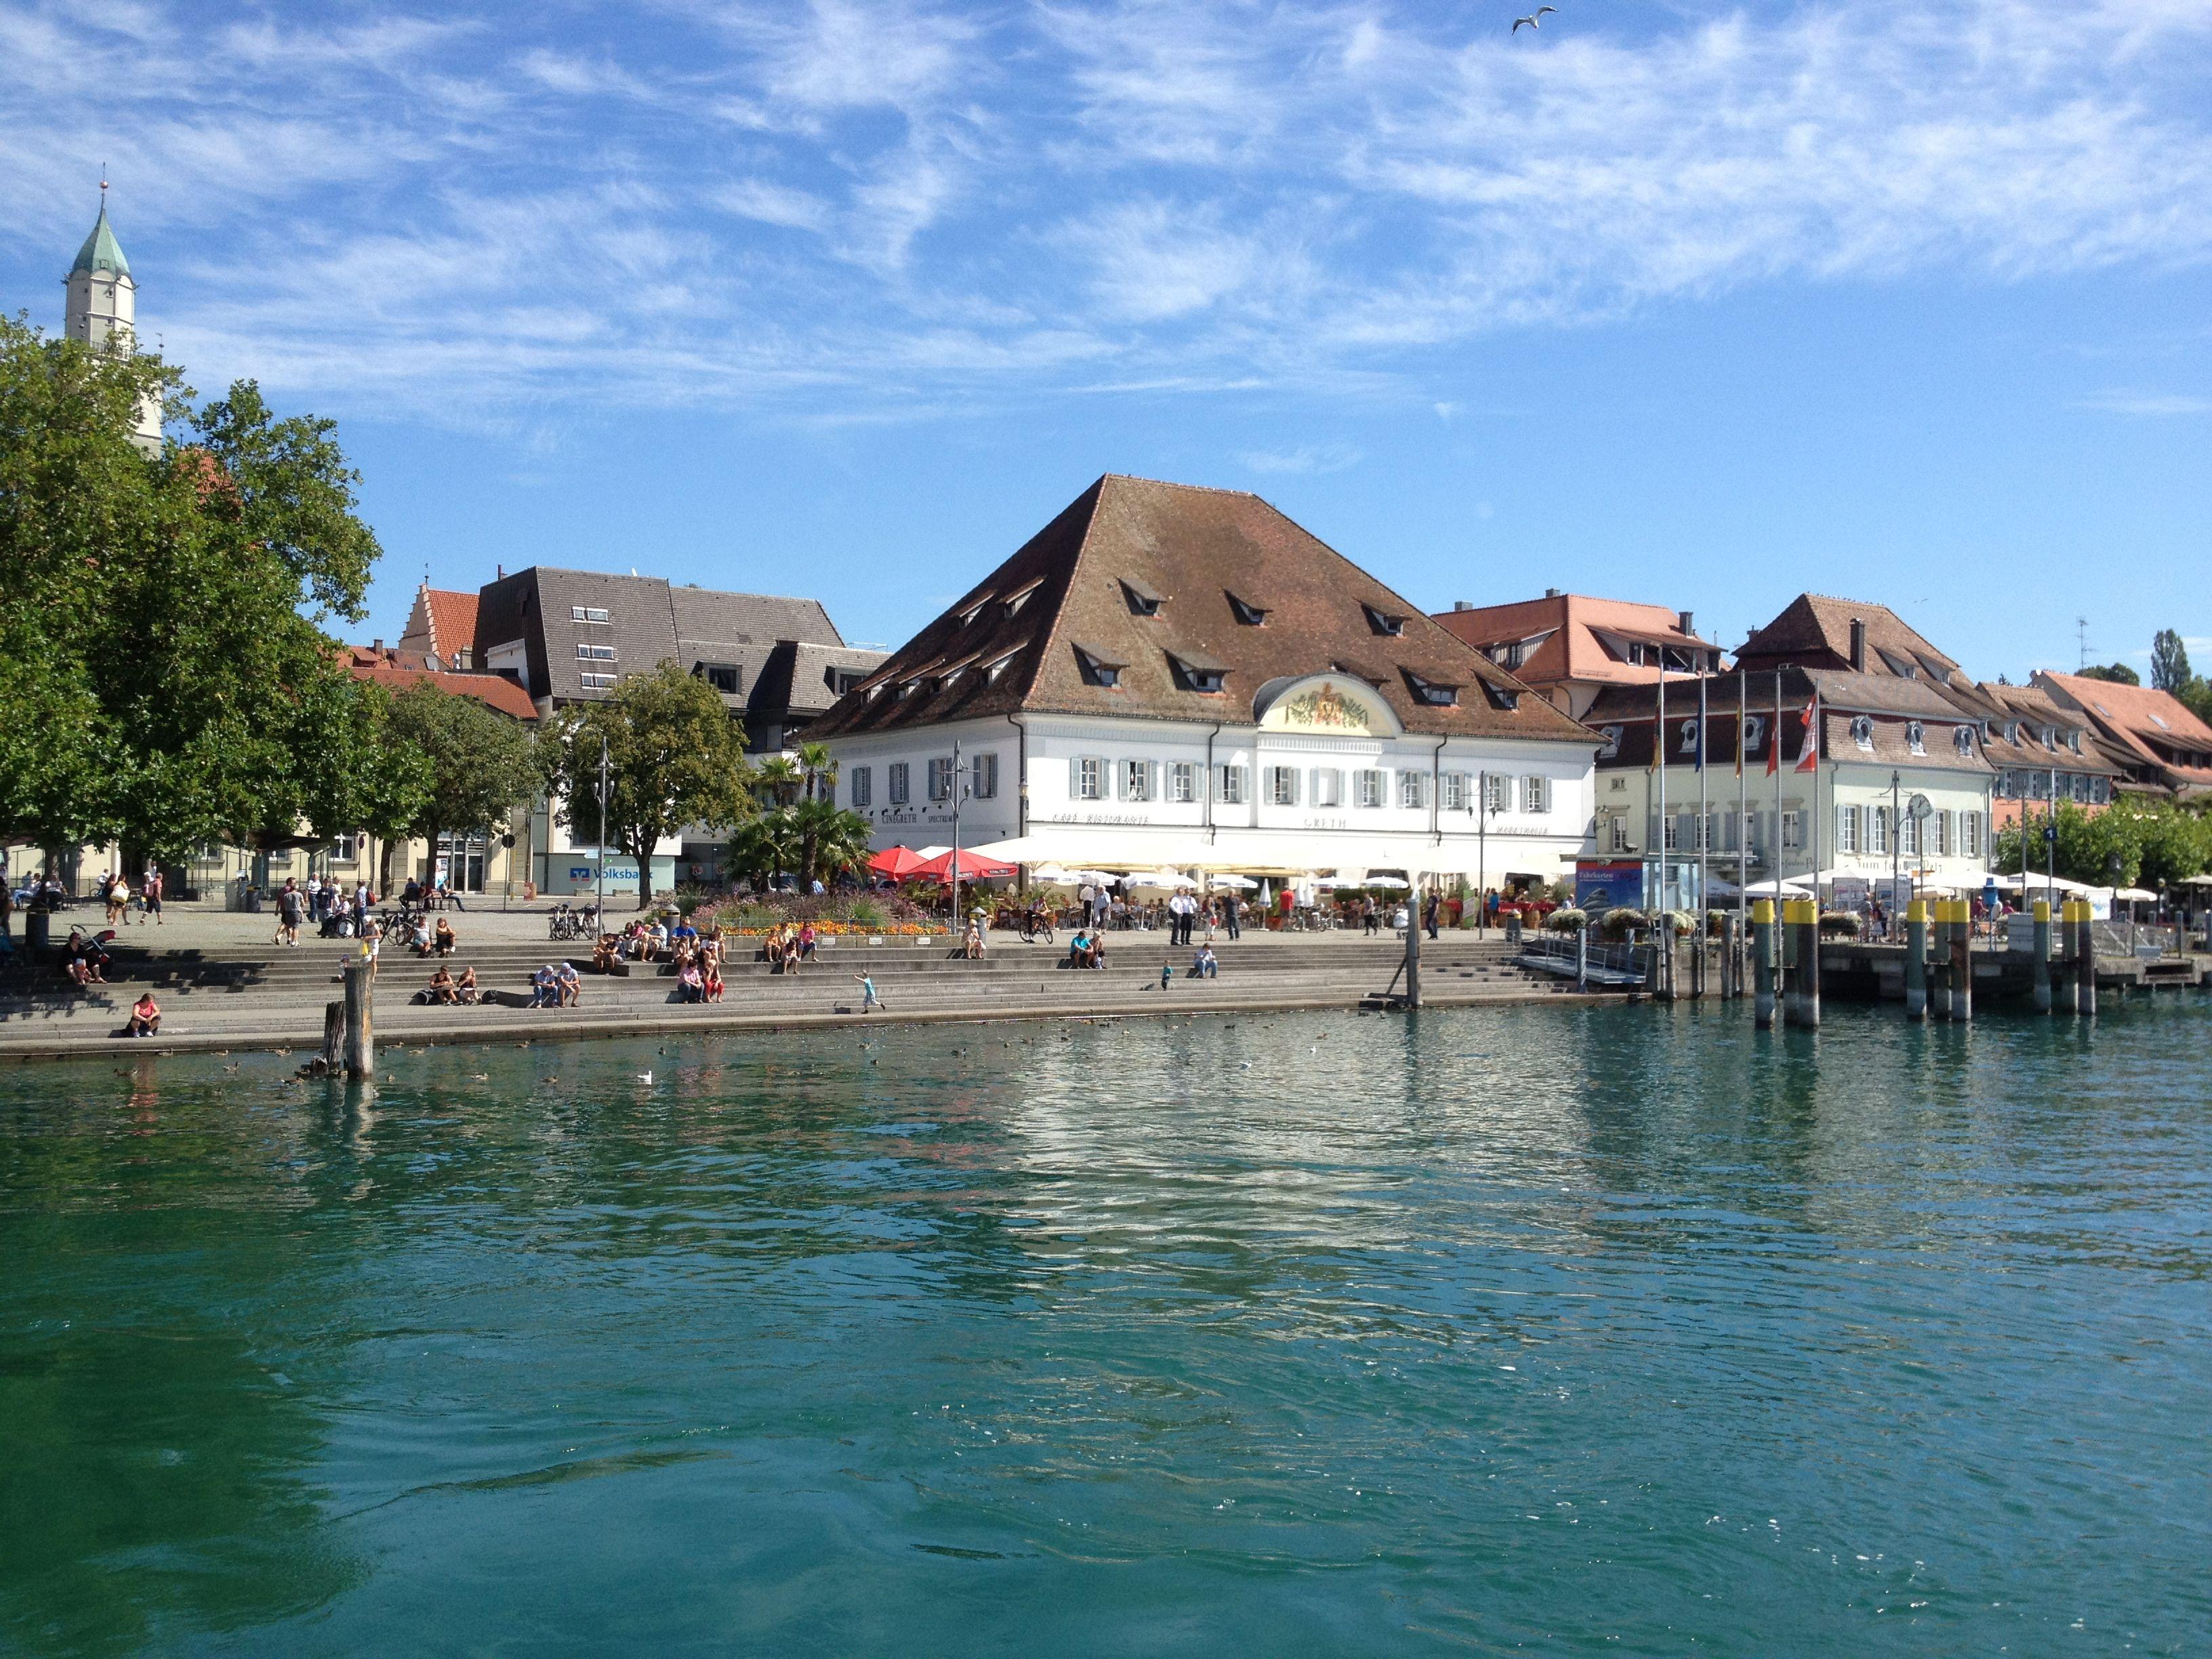 Bodensee - Konstanz im Sommer